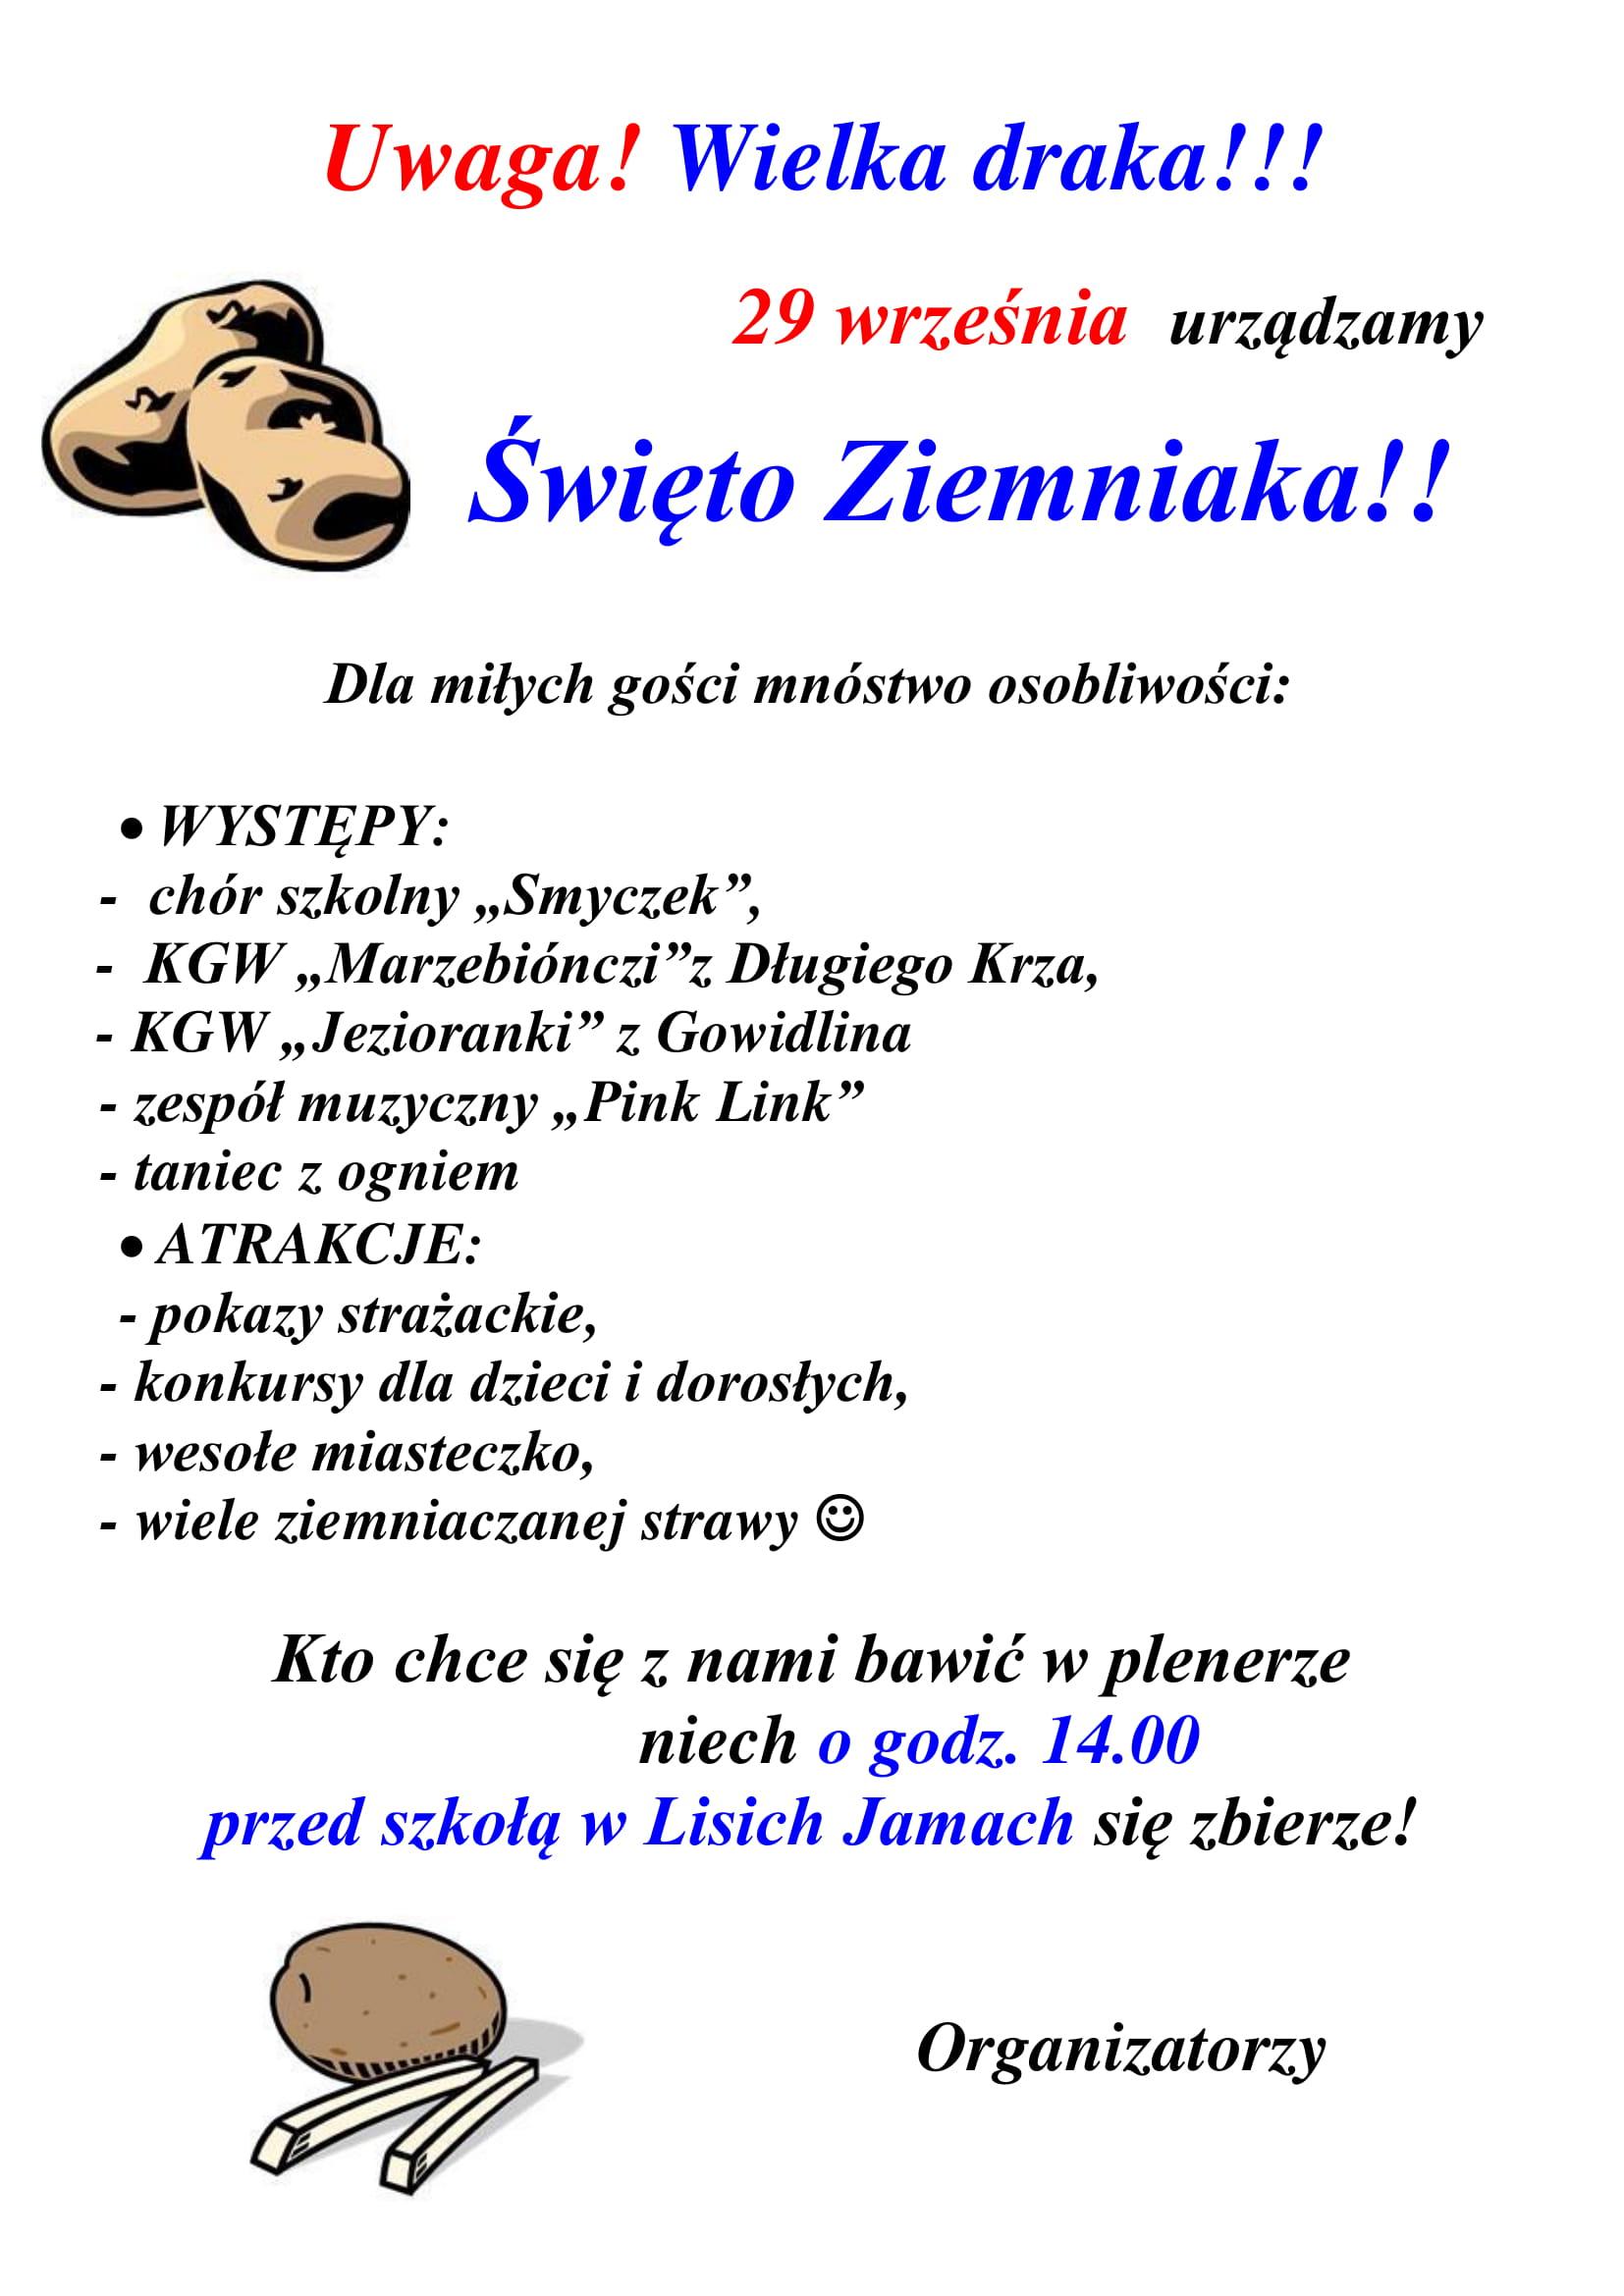 Święto Ziemniaka w Lisich Jamach – Kartuzy.info – kartuzy.info